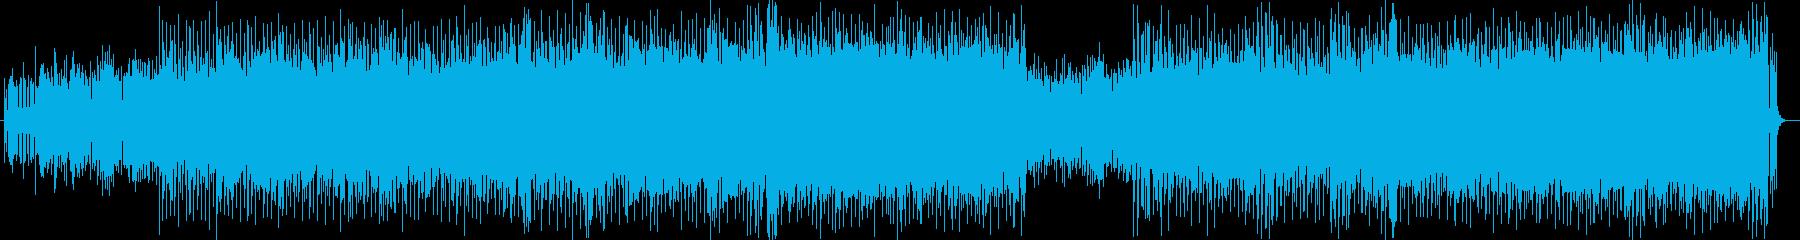 ポップでコミカルなシンセサイザーの曲の再生済みの波形